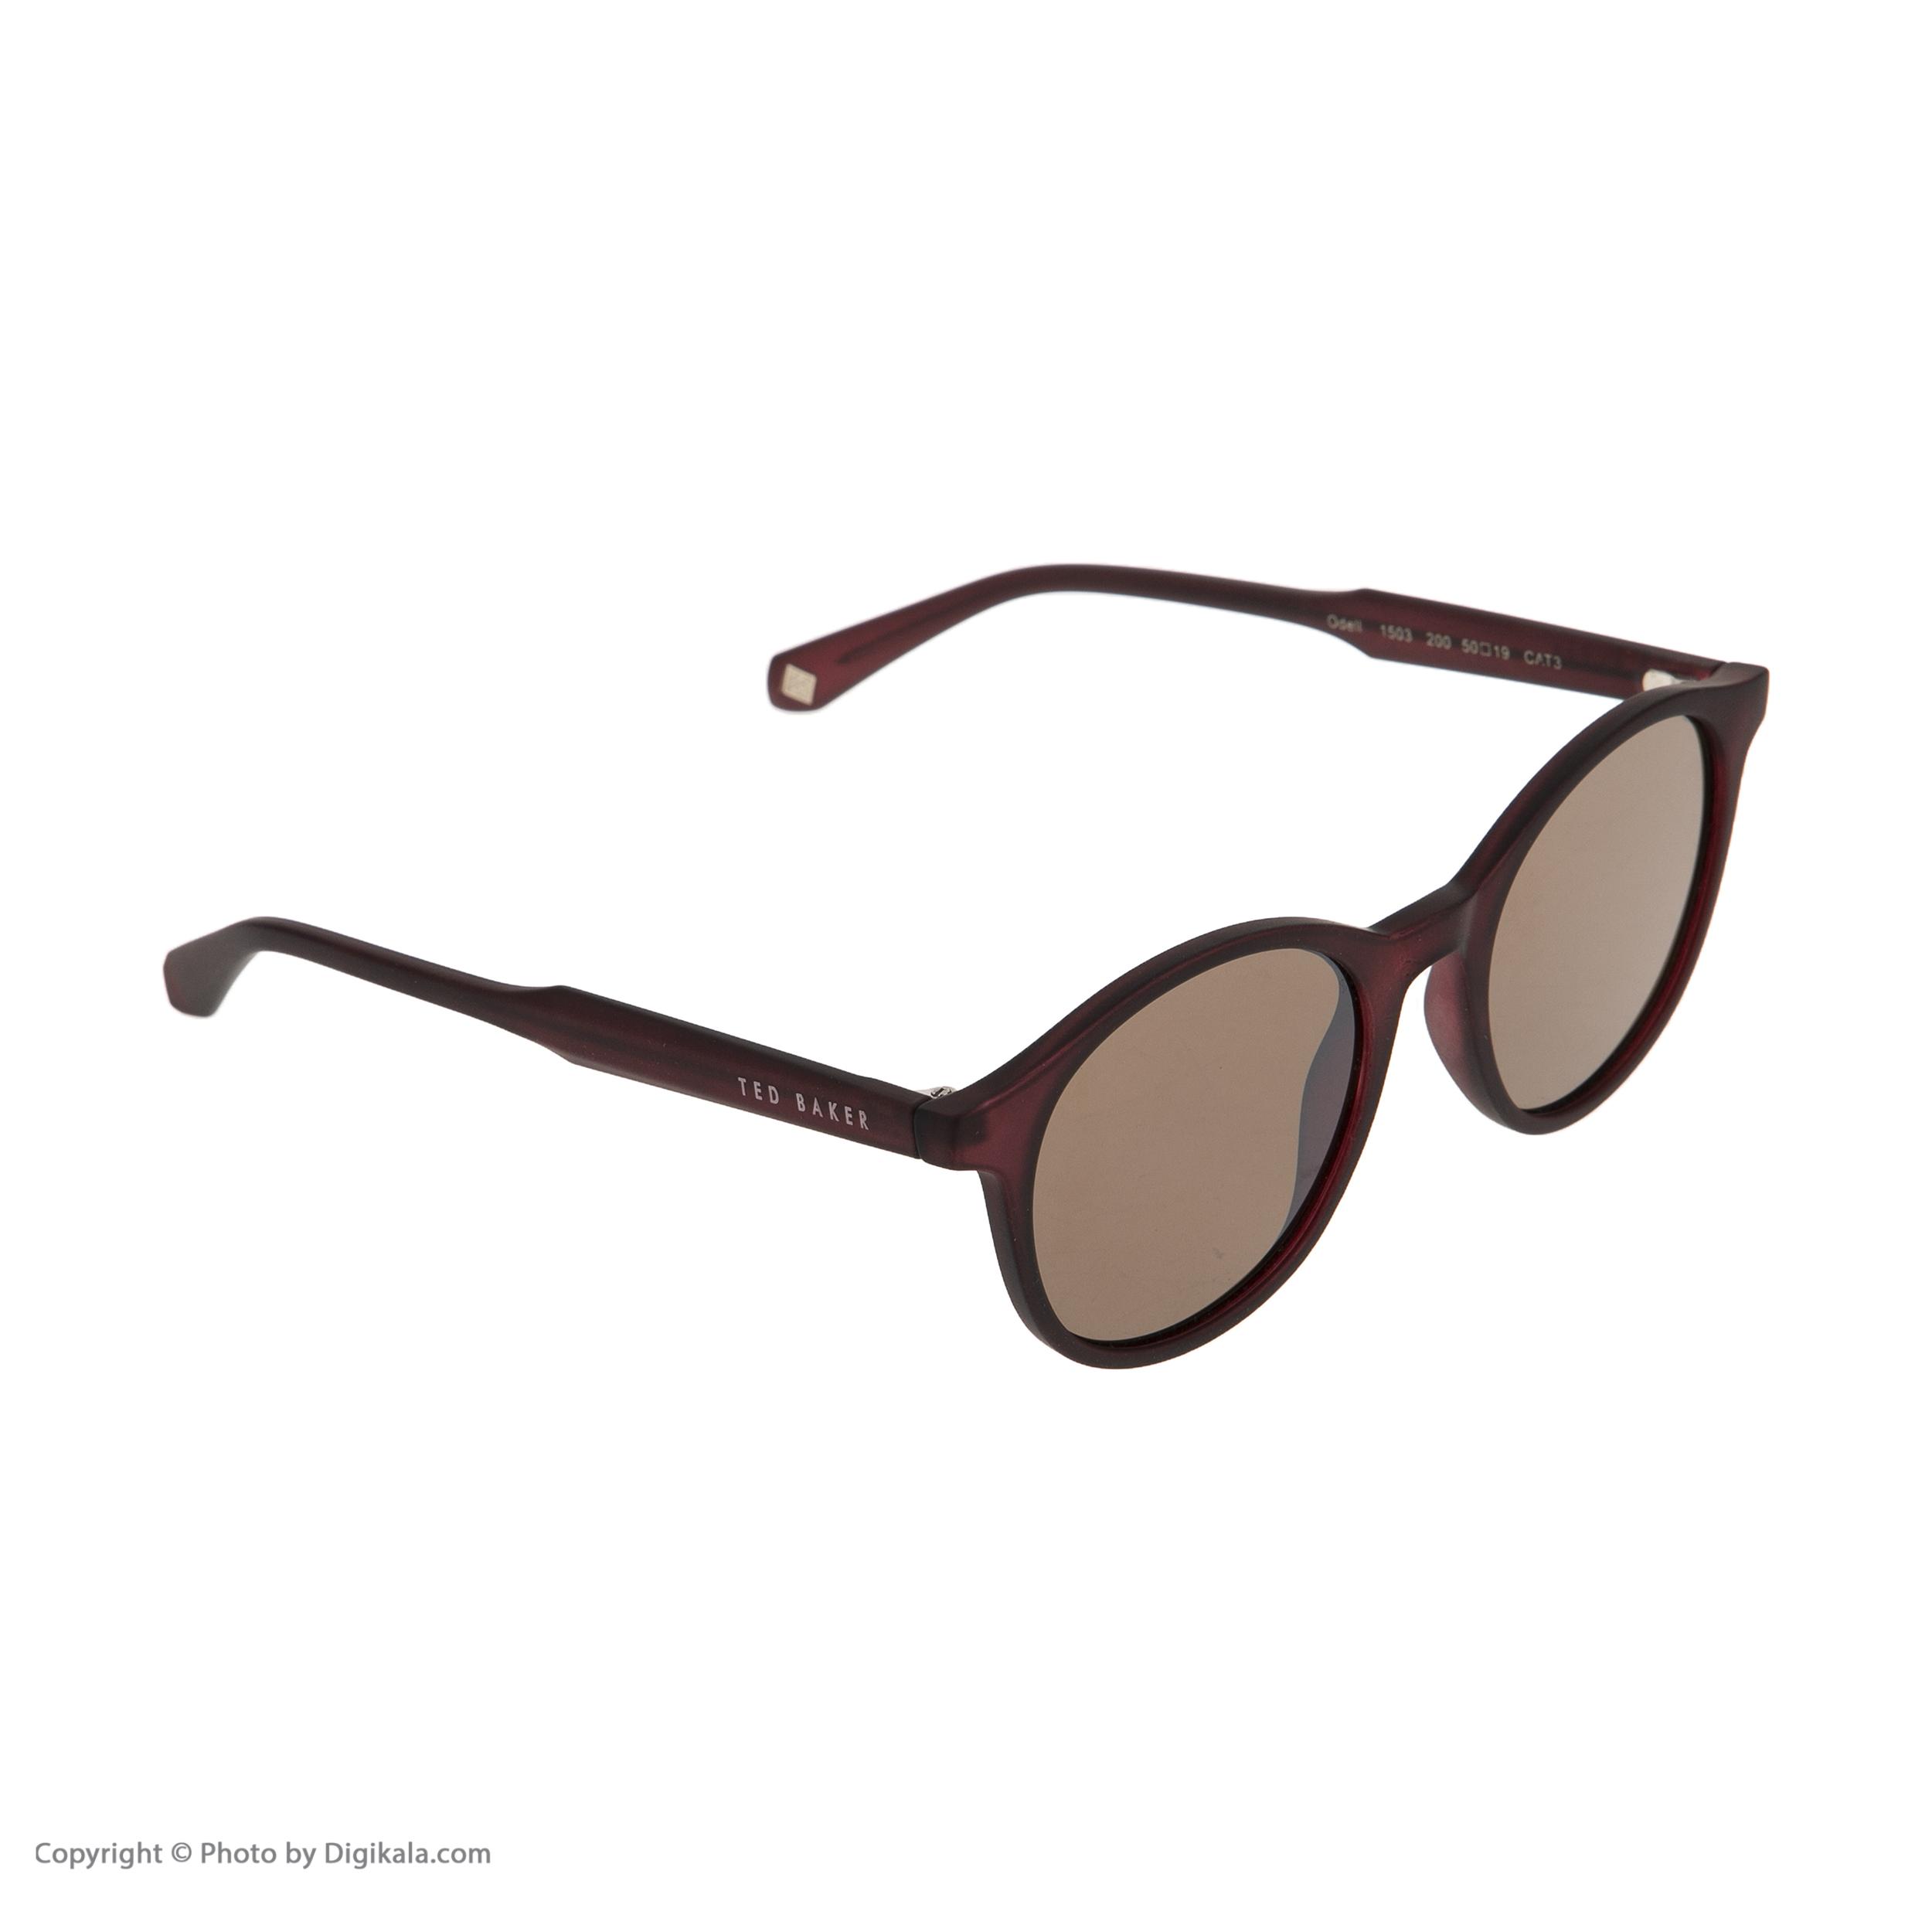 عینک آفتابی زنانه تد بیکر مدل TB 1503 2OO